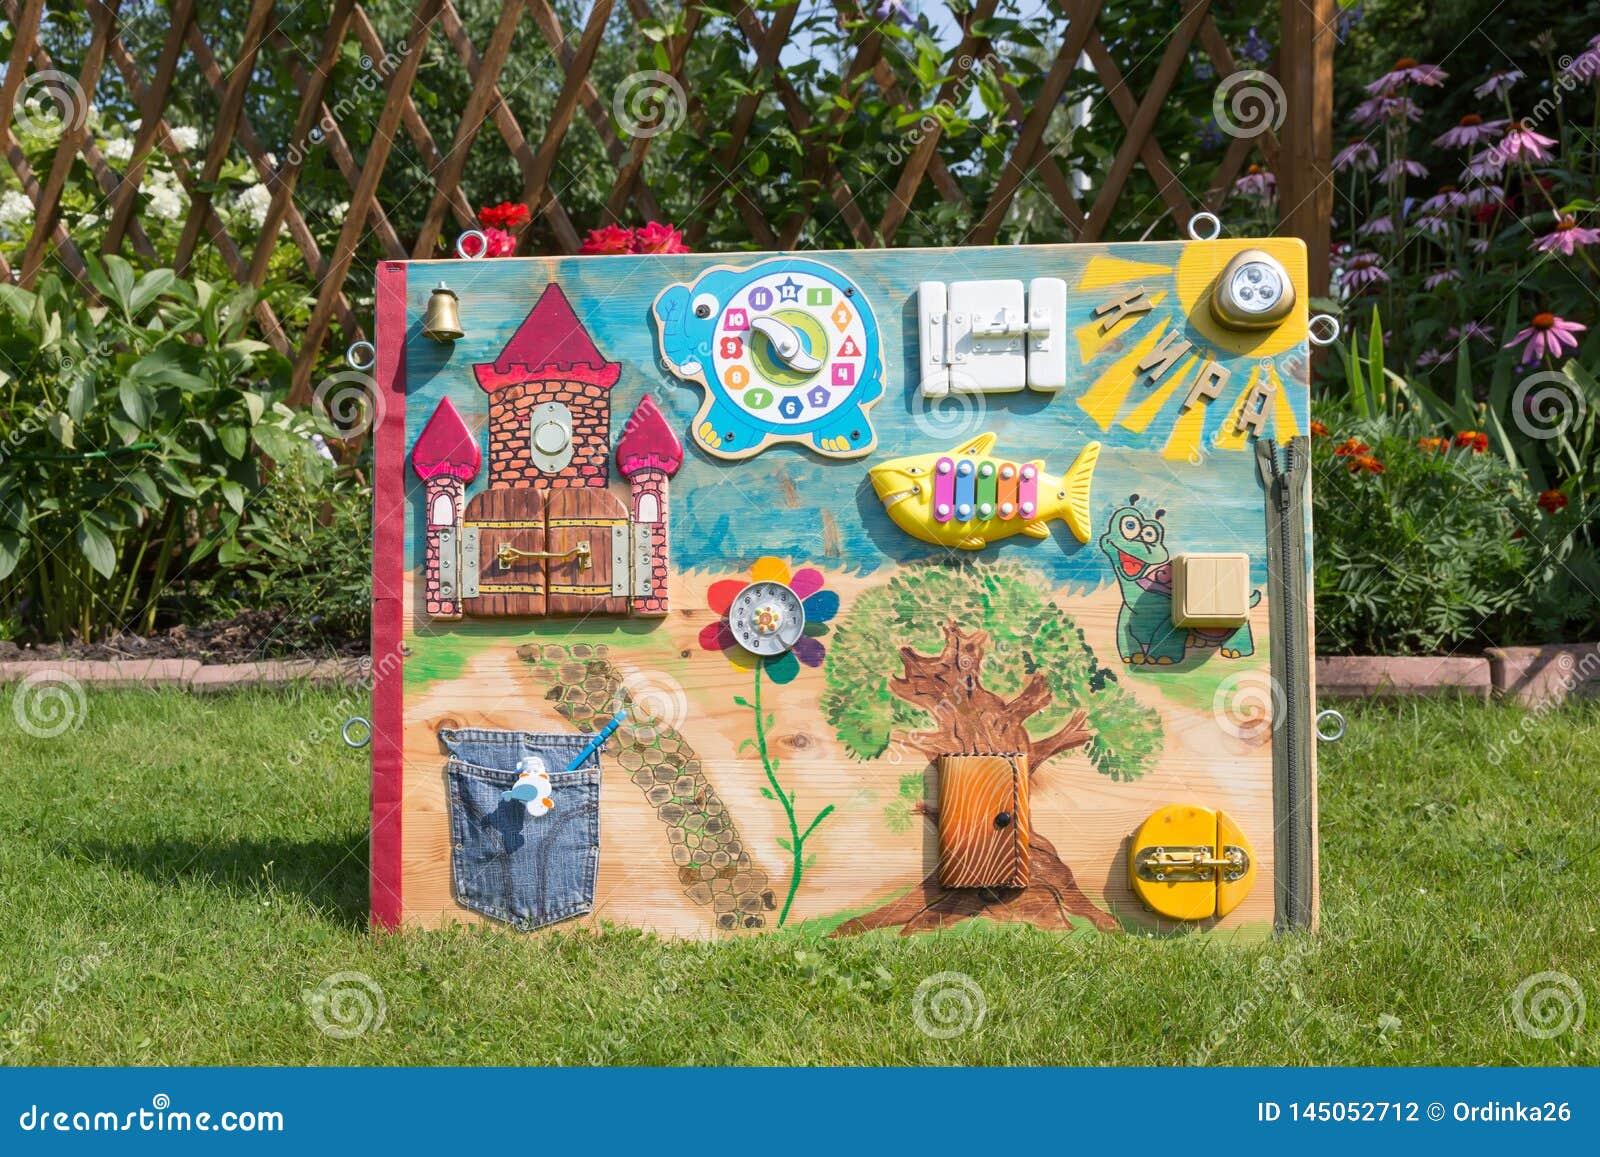 Painel caseiro do brinquedo do bebê do montessori no gramado verde do fundo